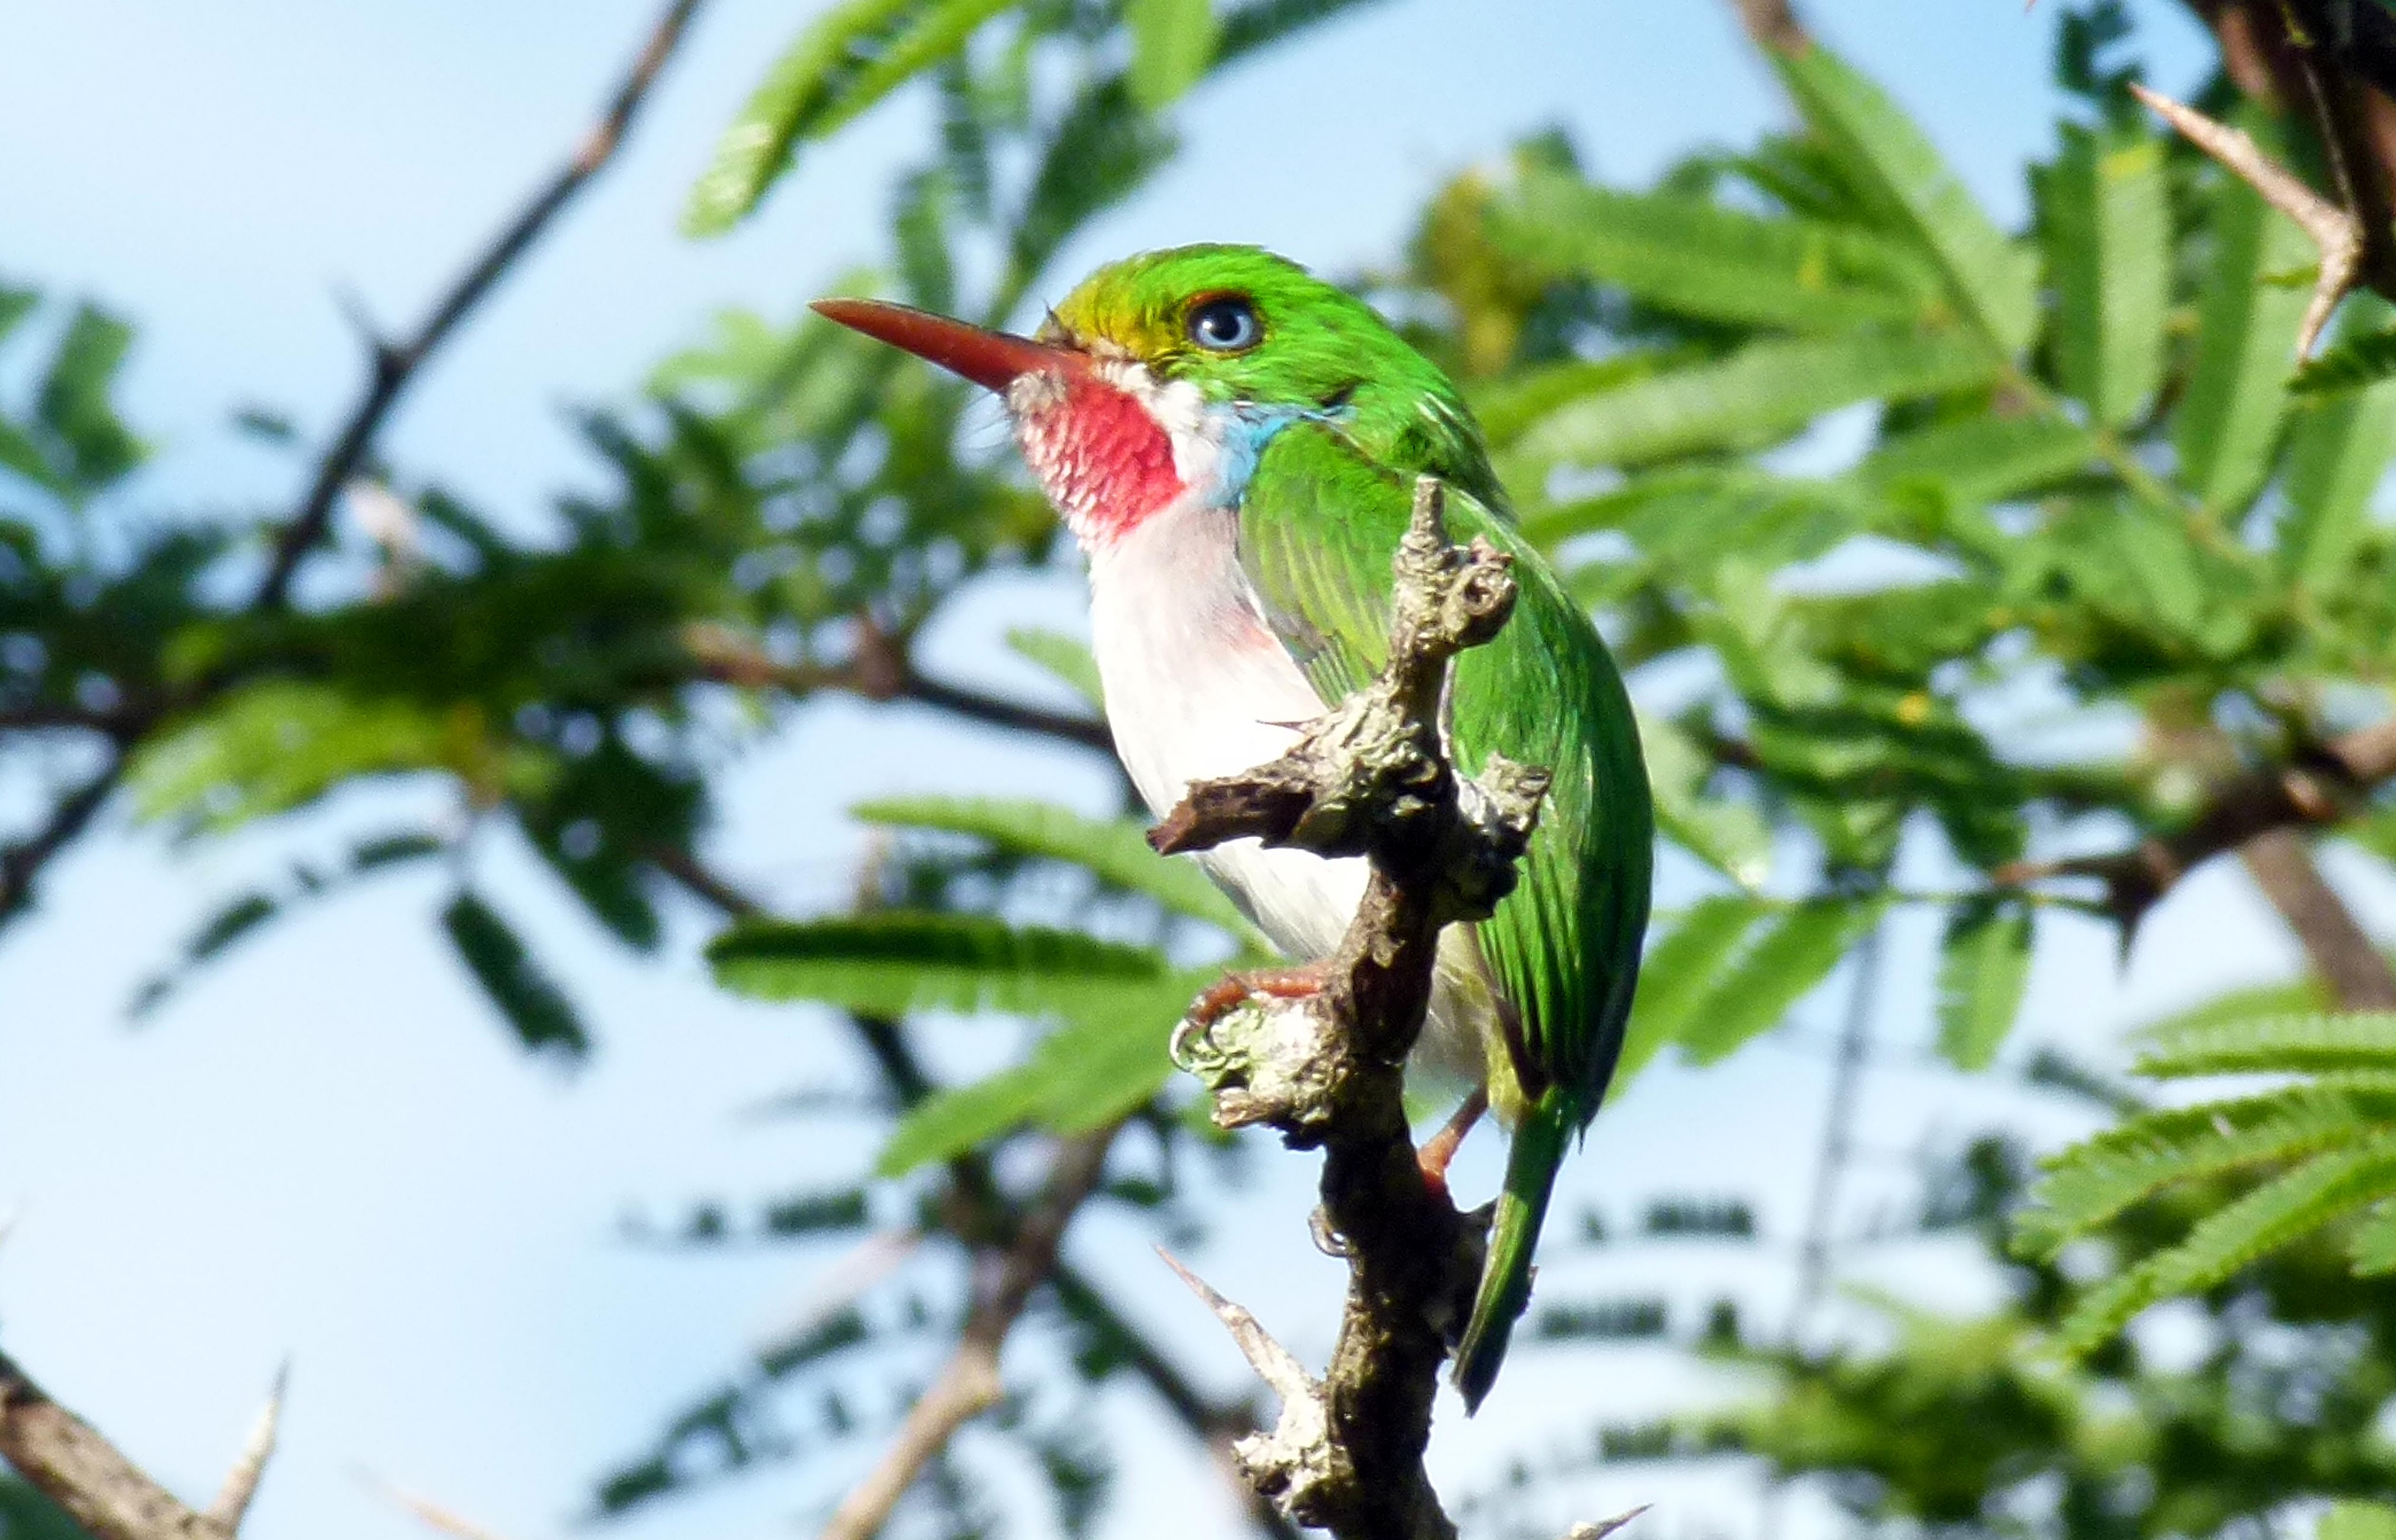 Image of Cuban Tody